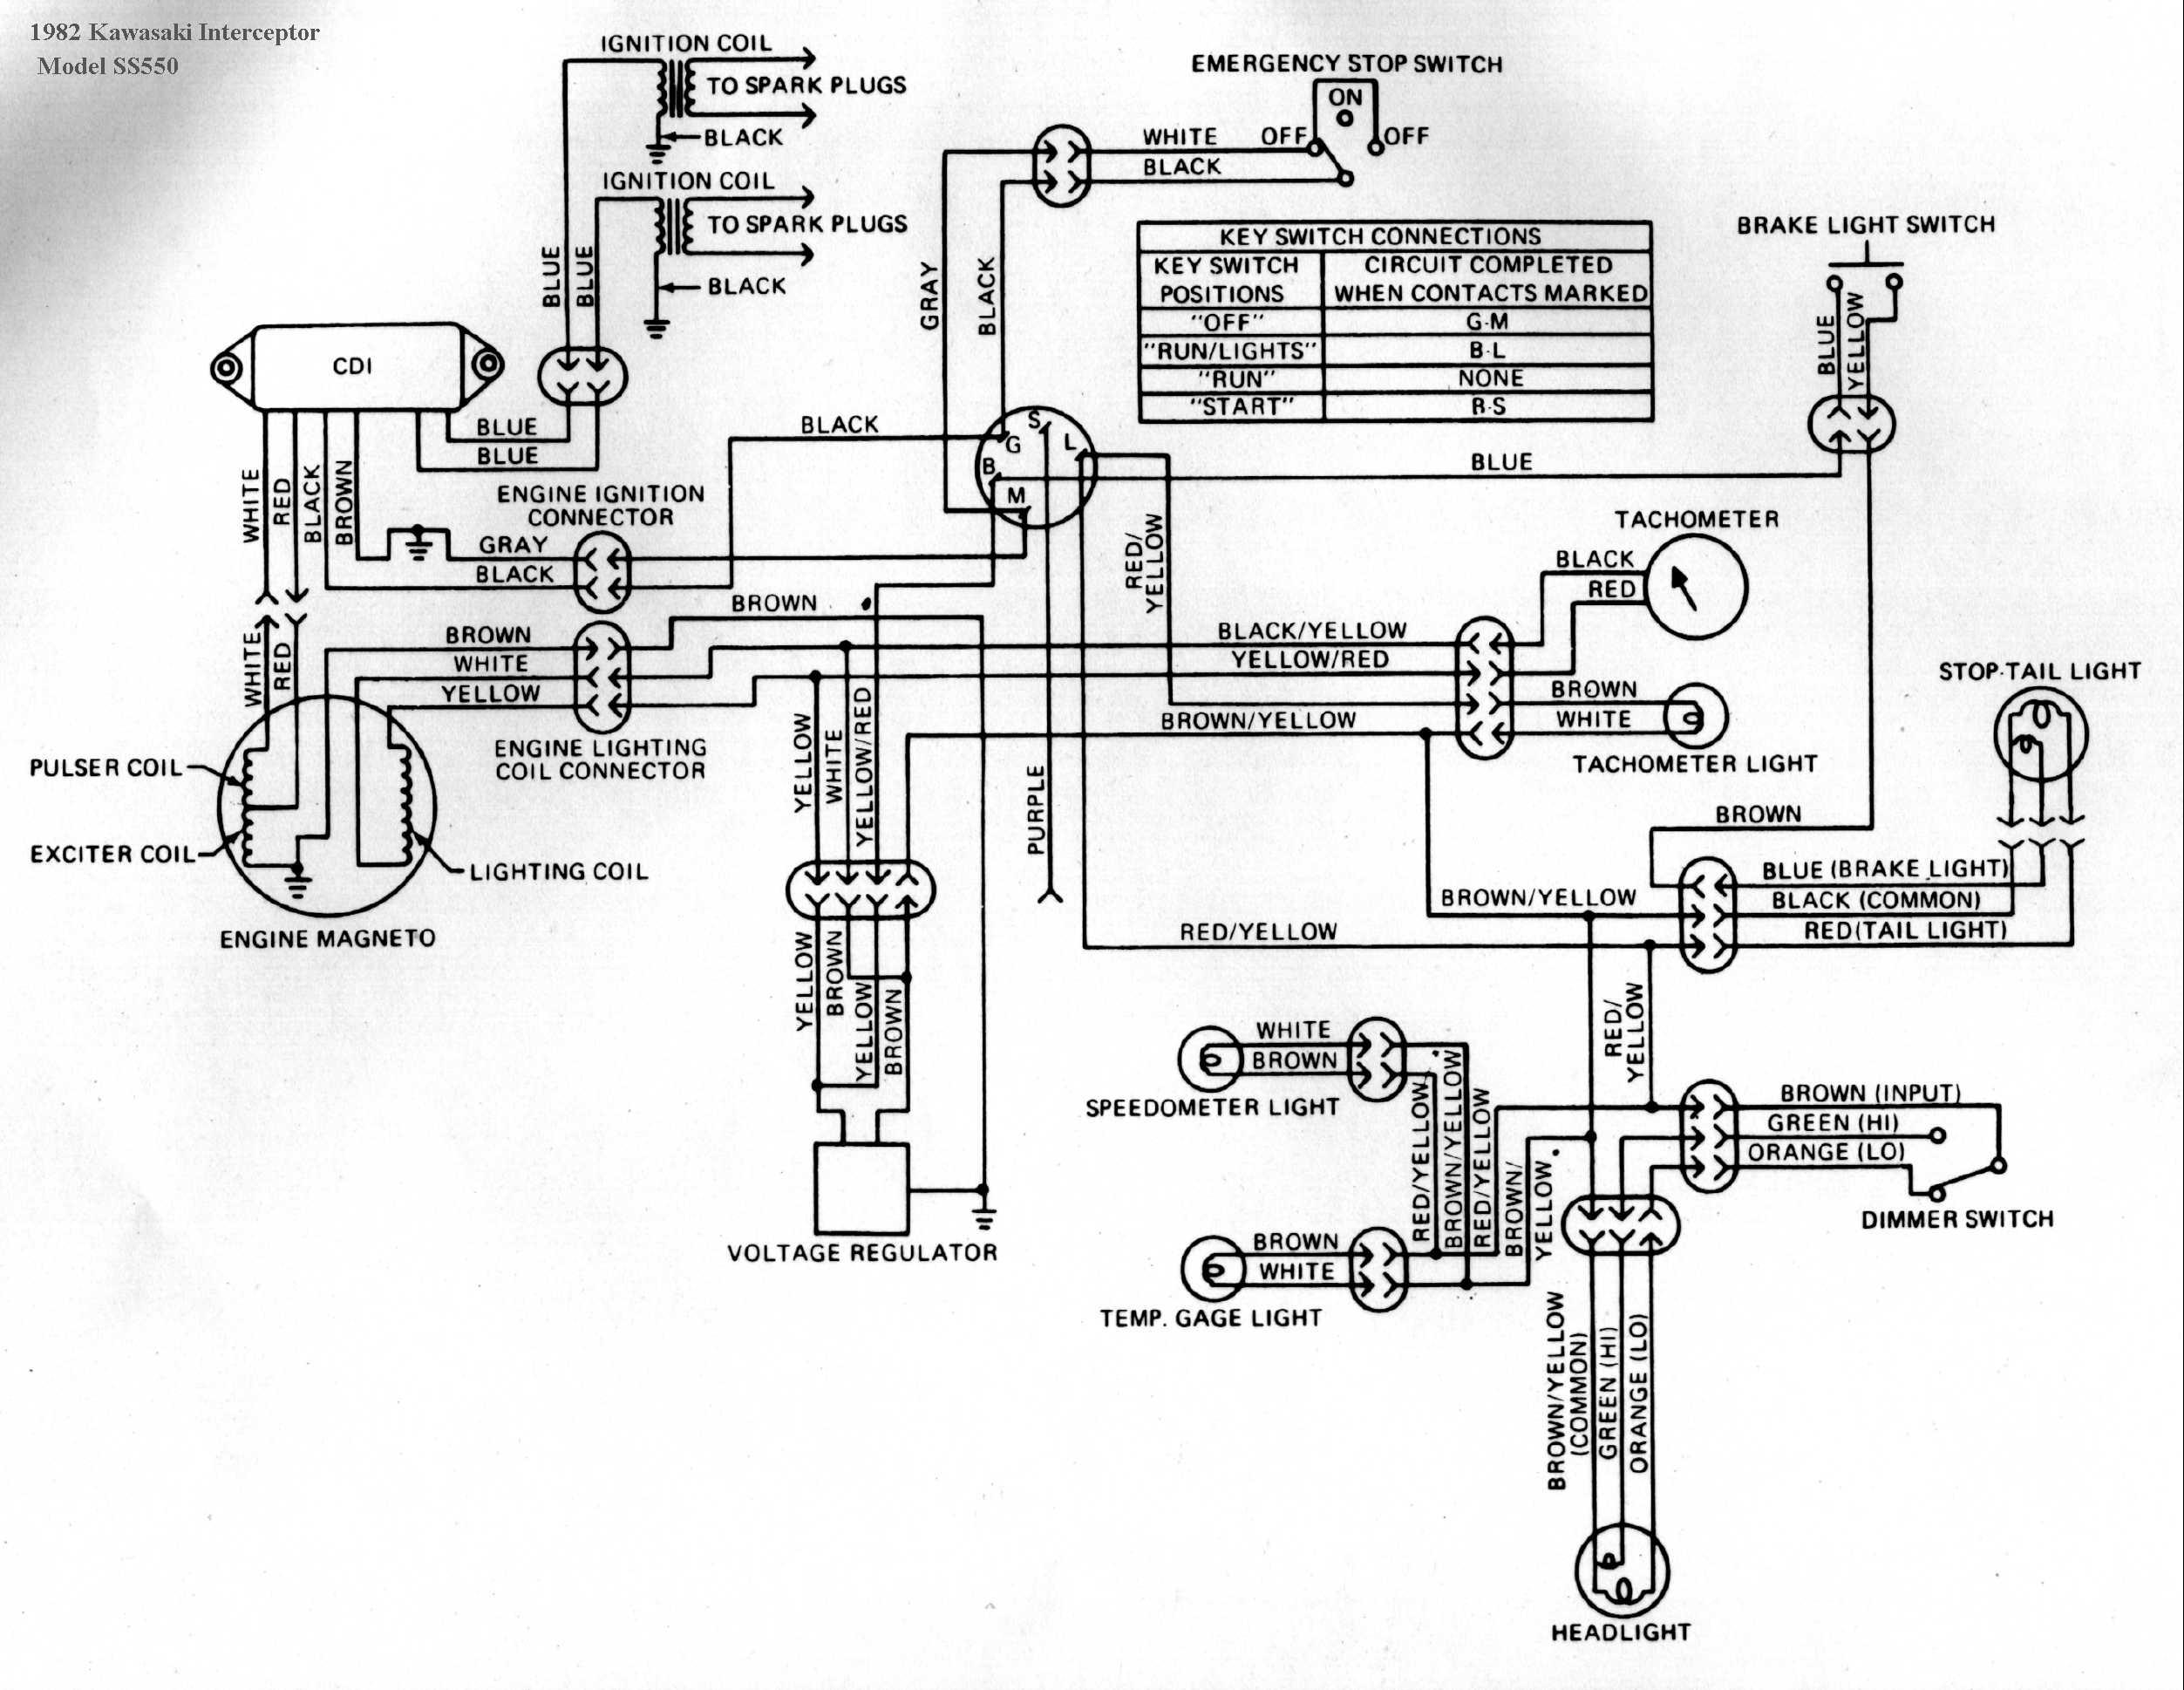 ss550?resize=665%2C514 2006 ski doo rev wiring diagram wiring diagram 1990 ski-doo safari wiring diagram at cita.asia